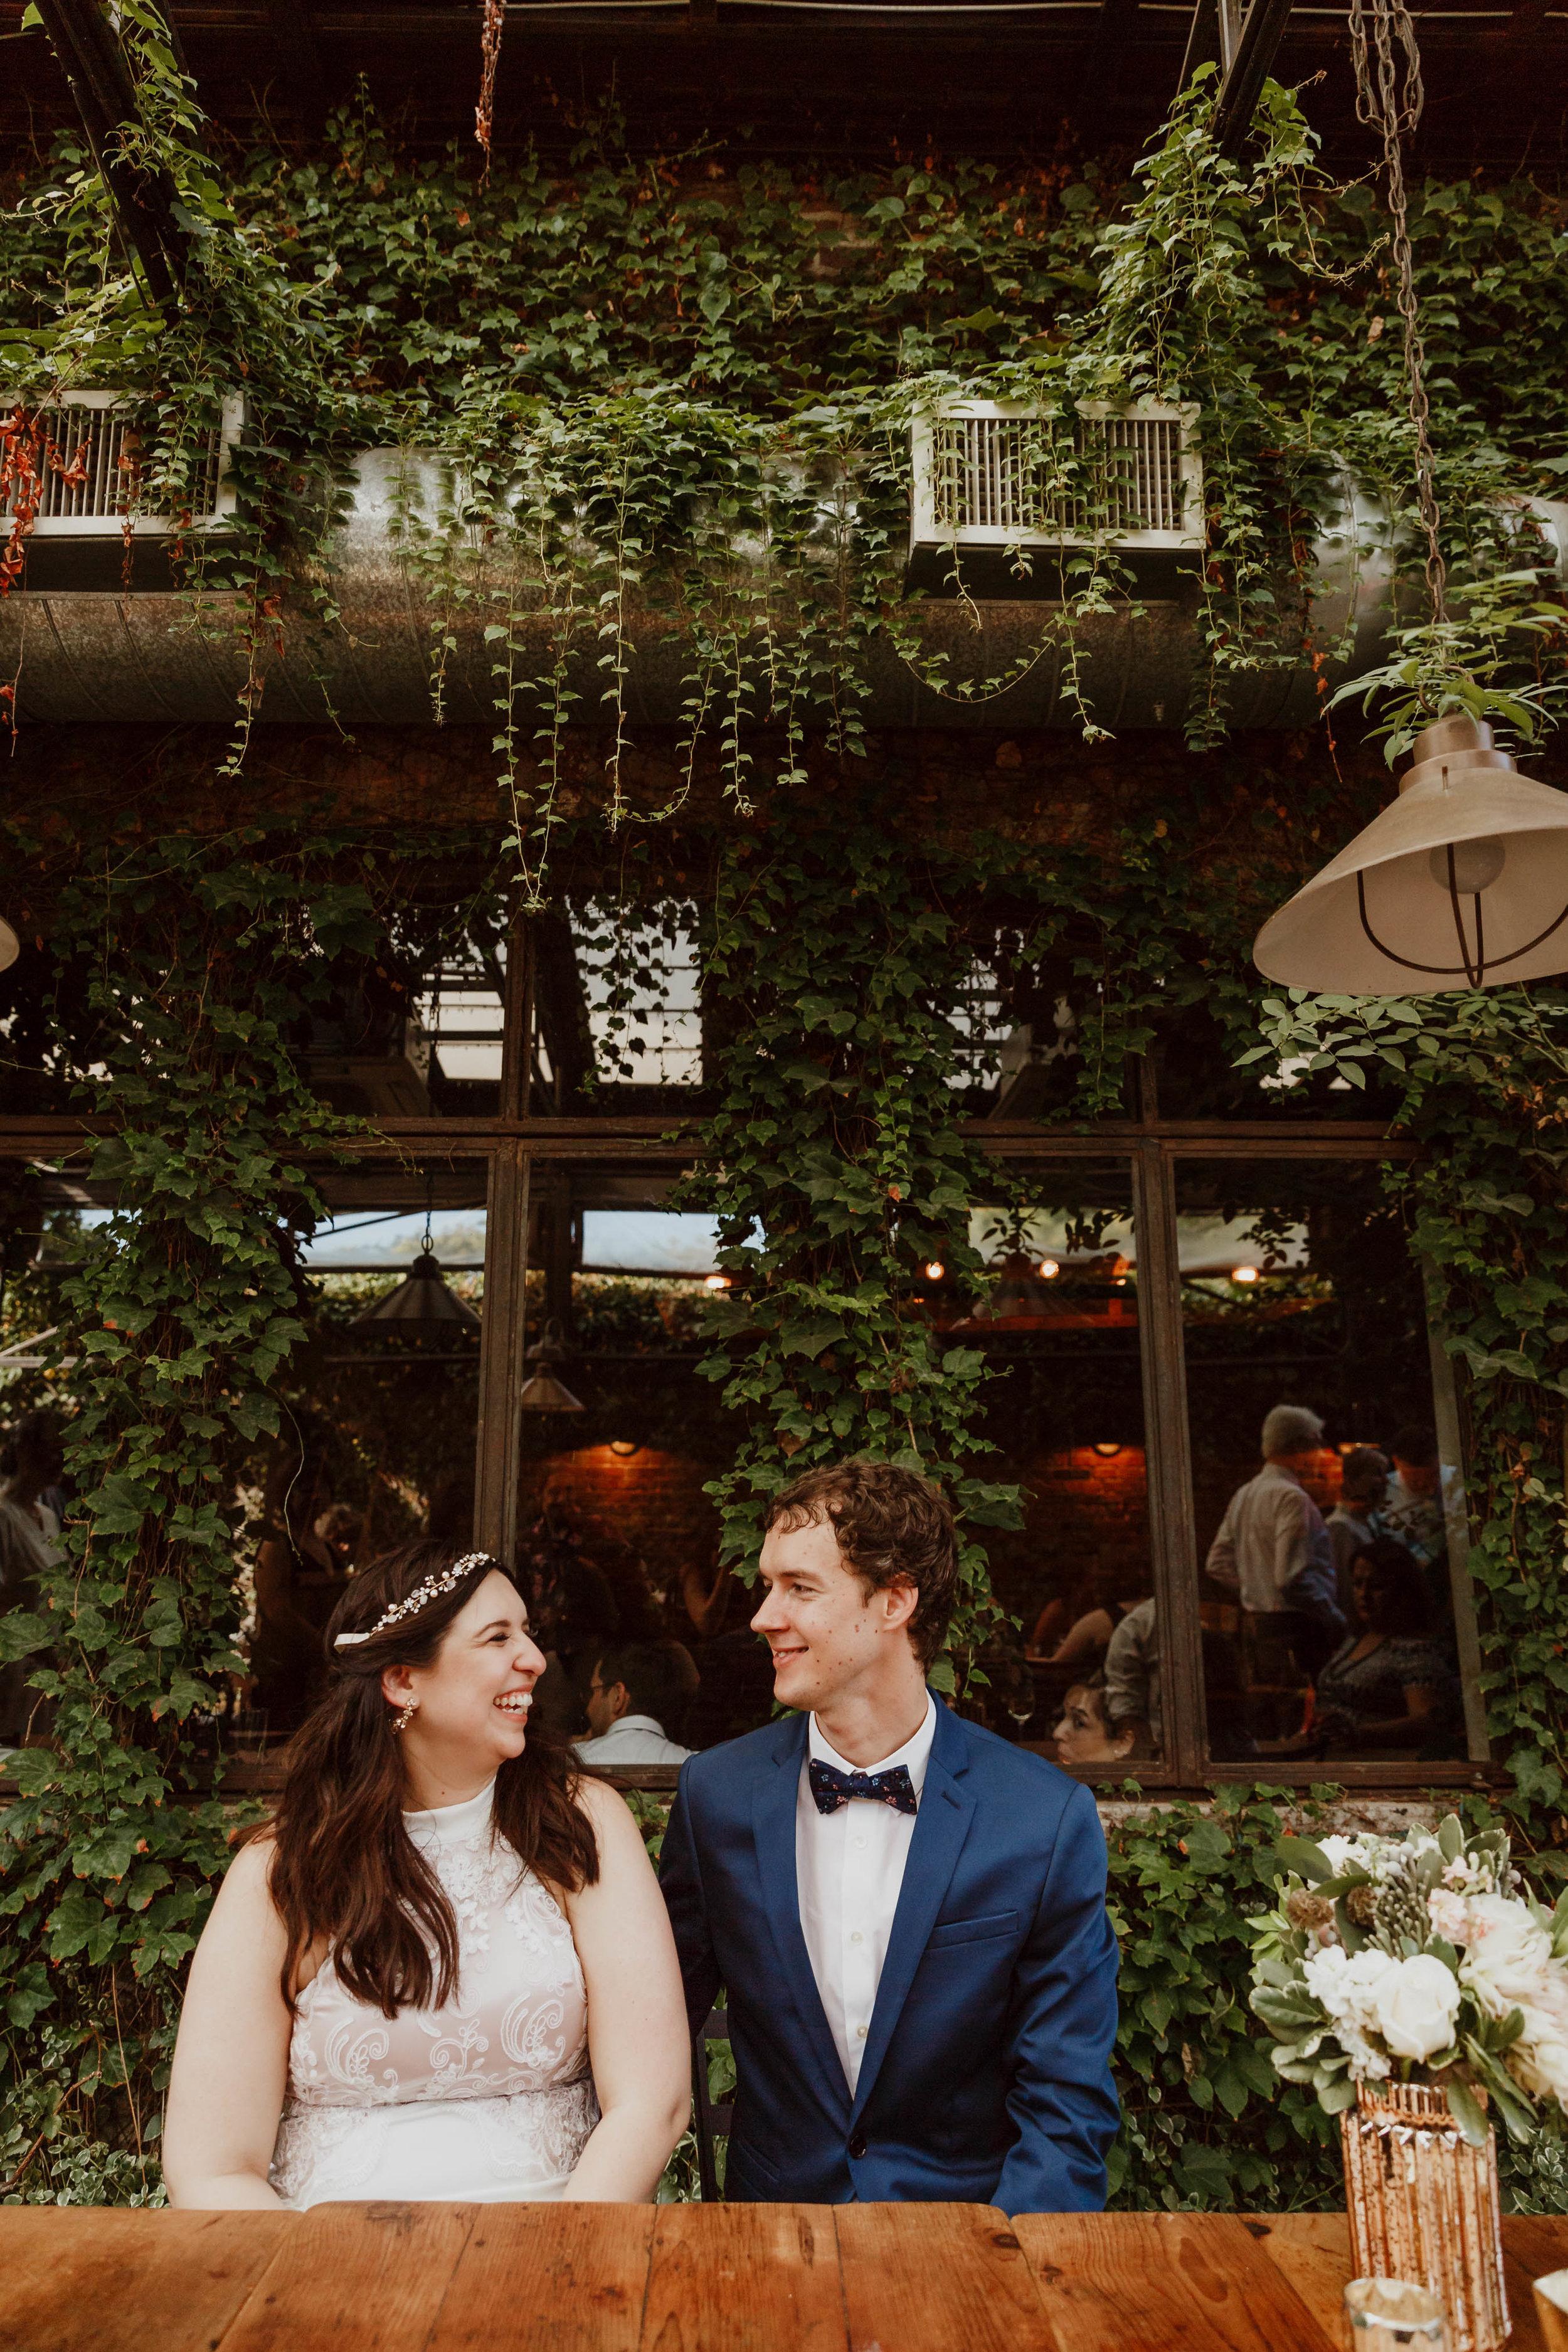 aurora-restaurant-wedding-photographer-elizabeth-tsung-photo-113.jpg